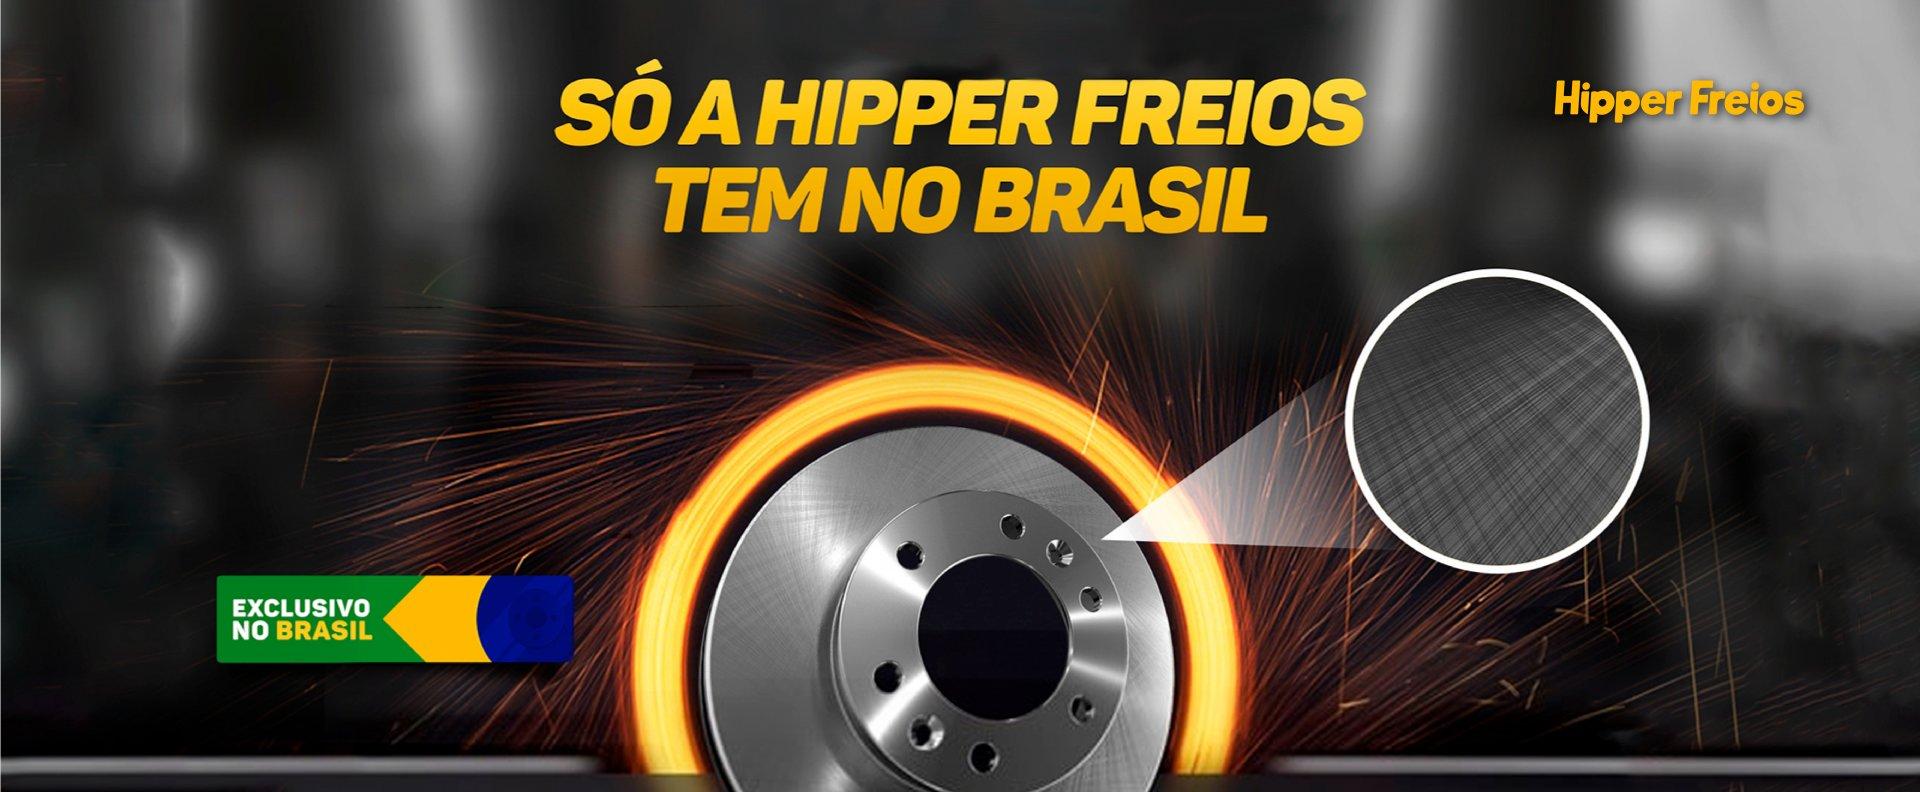 Hipper Freios